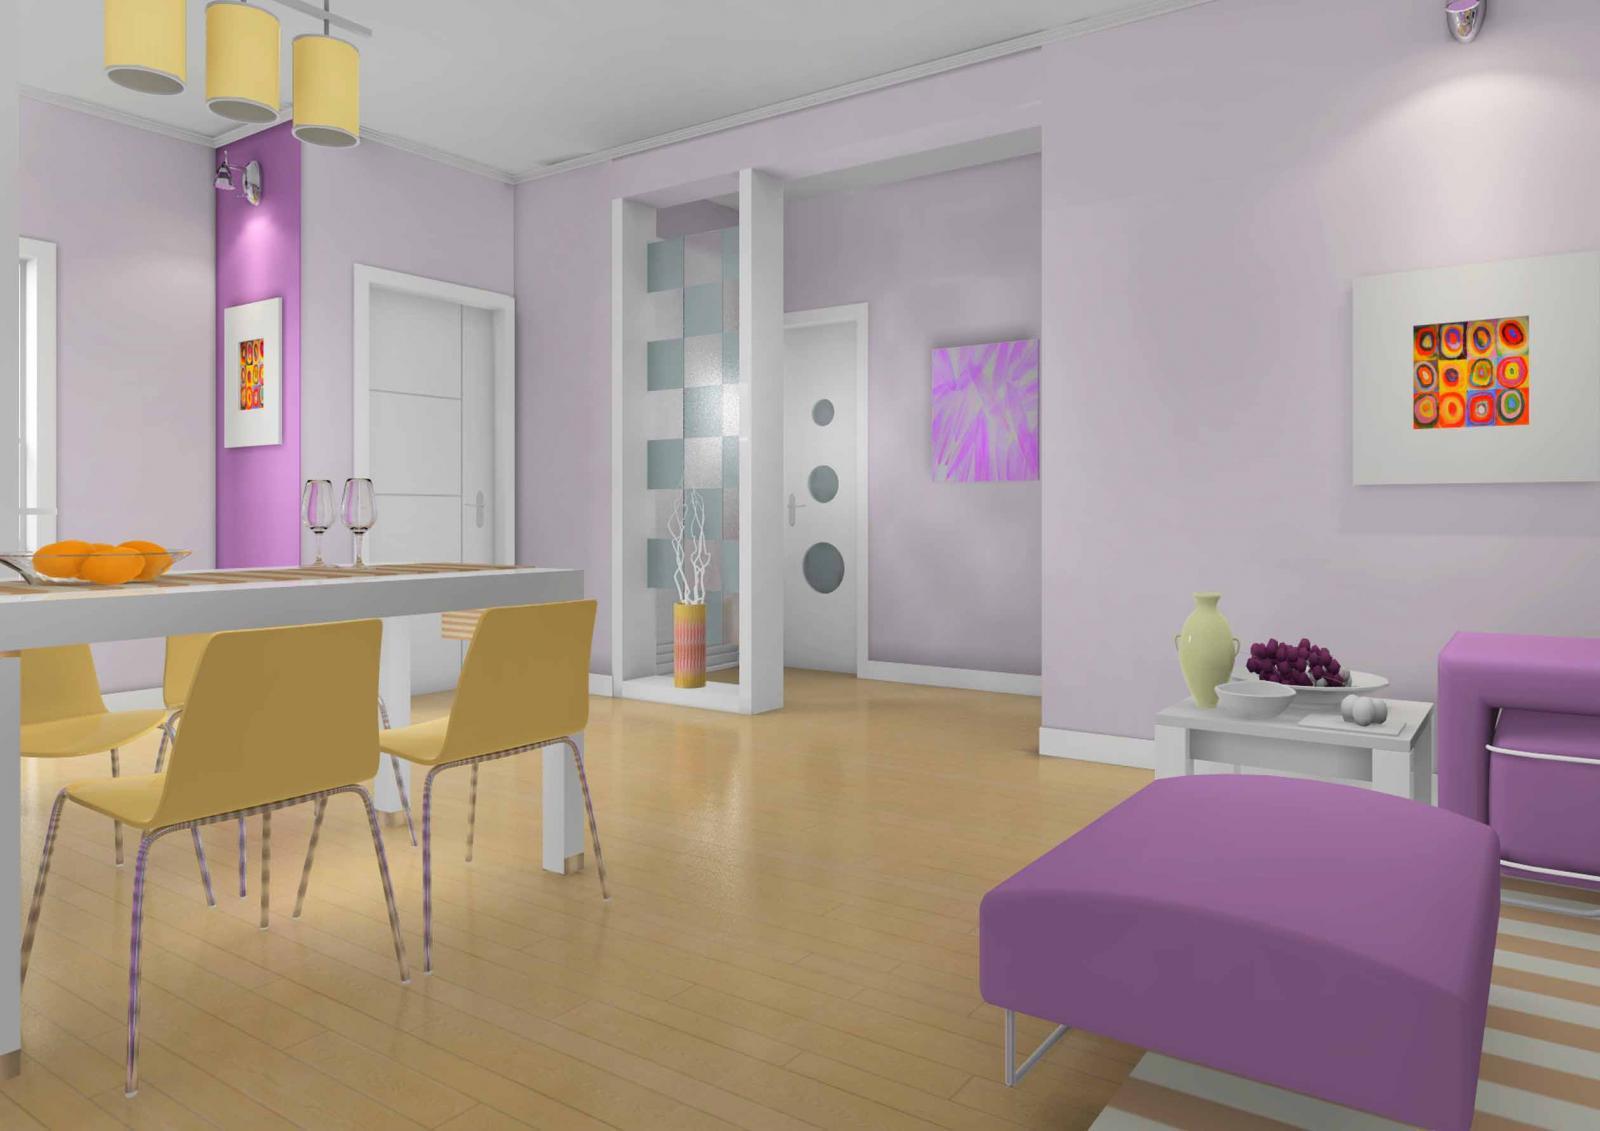 A户型地下室1室1厅3万元装修案例发布